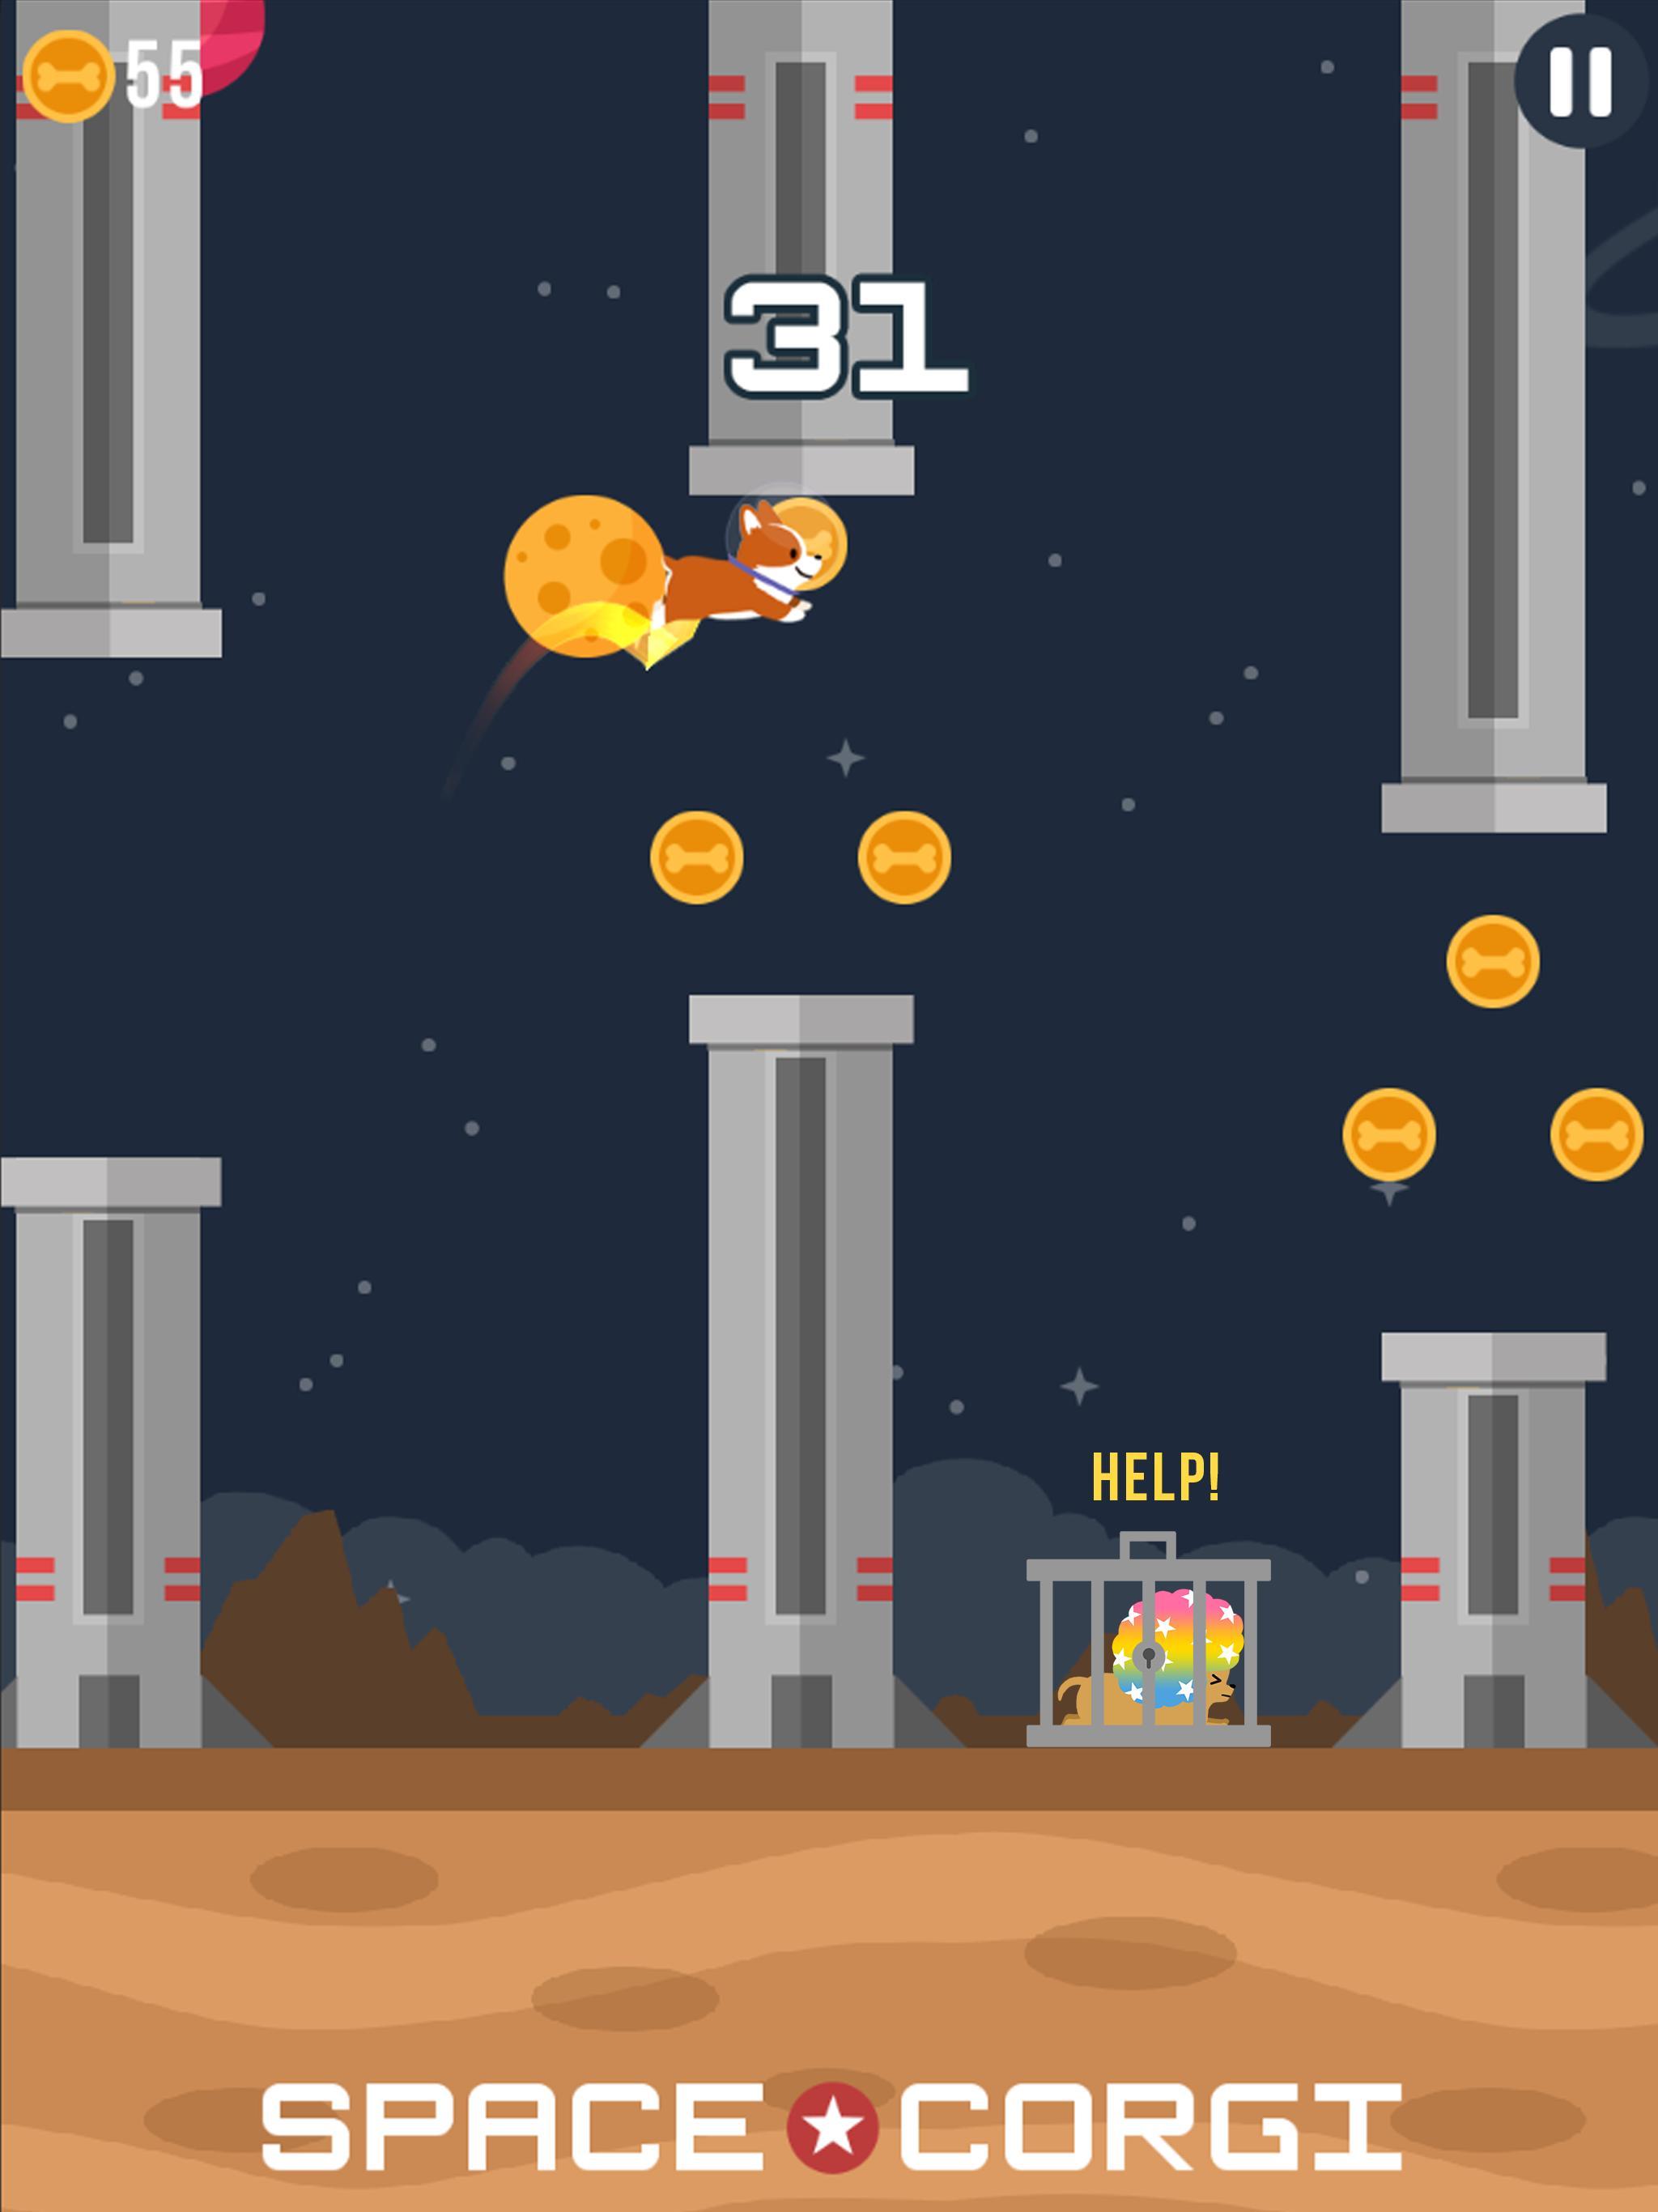 Space Corgi Dog jumping space travel game 27 Screenshot 11